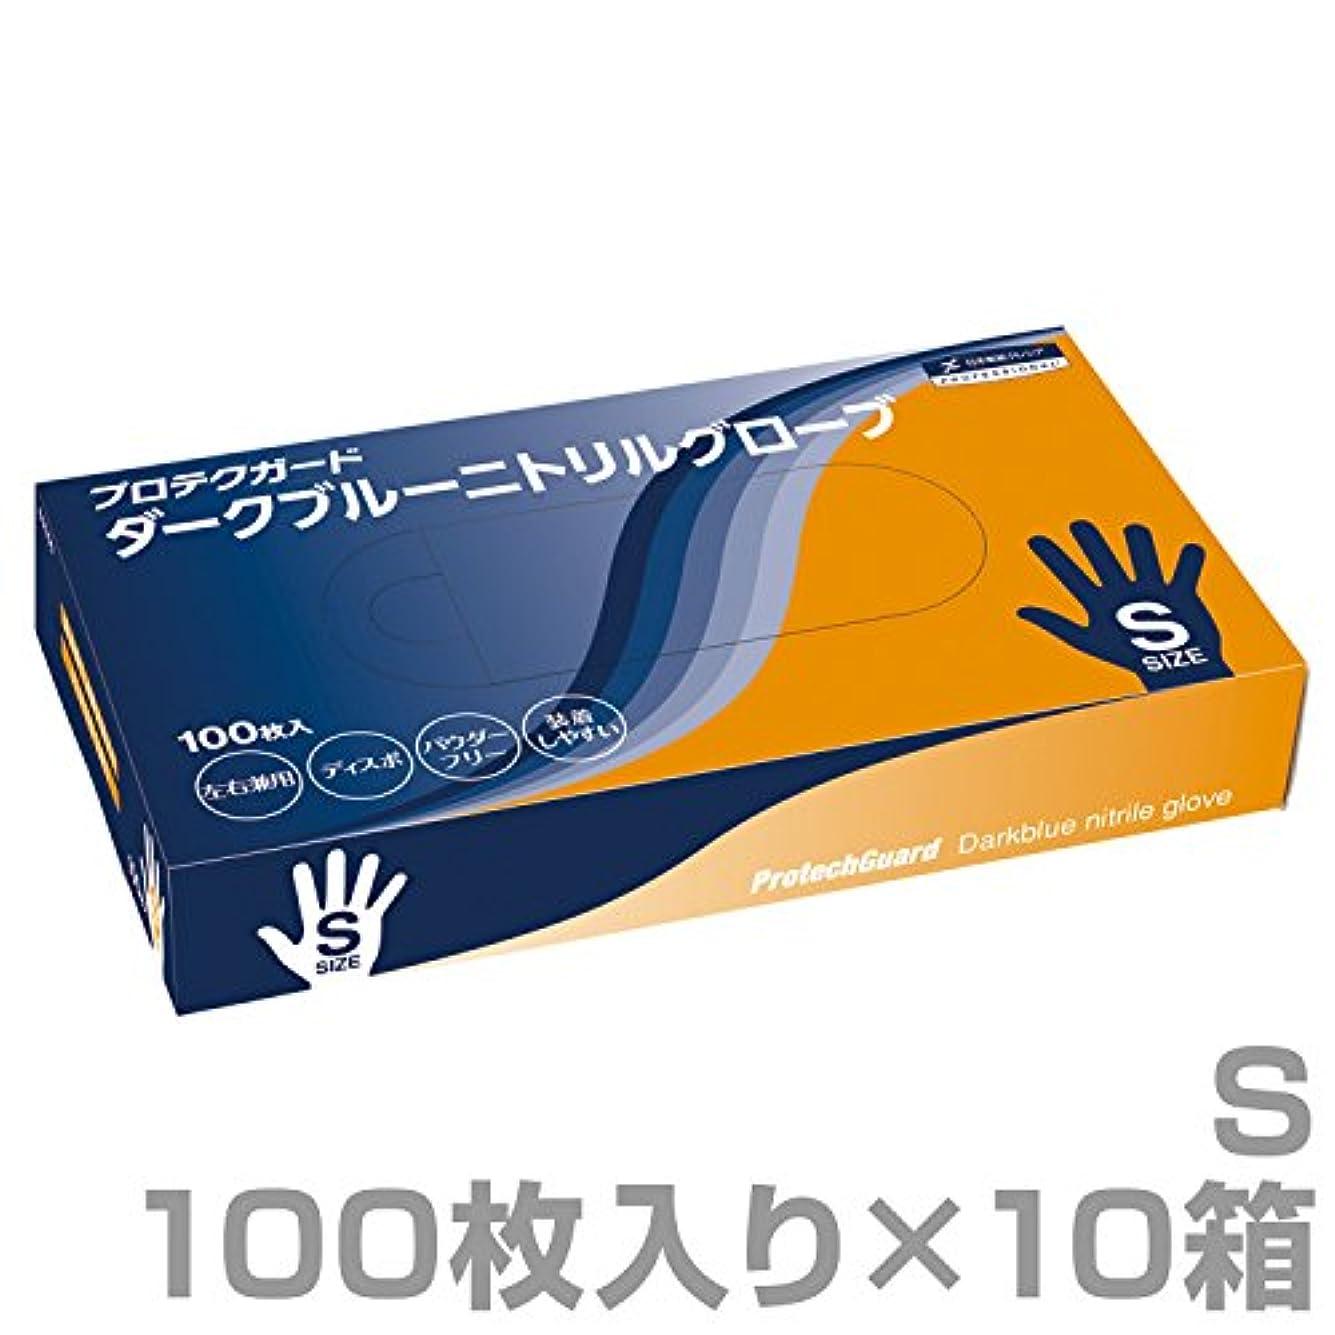 防水差し迫った面白い日本製紙クレシア プロテクガード ニトリルグローブ (ラテックスフリー/パウダーフリー) S 100枚入り×10箱(合計1000枚入り) ダークブルー